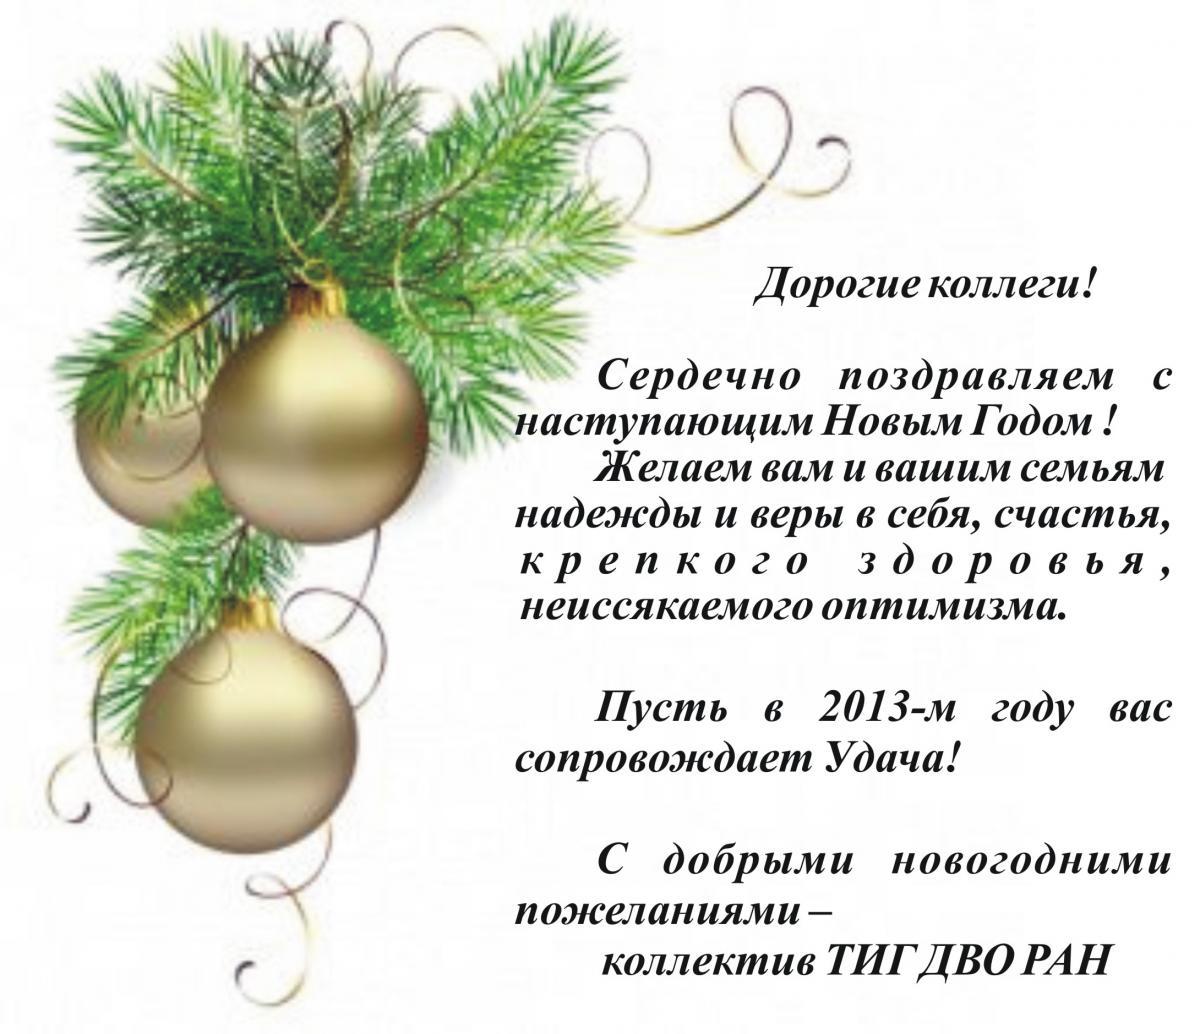 Стихи поздравления с праздником святого николая